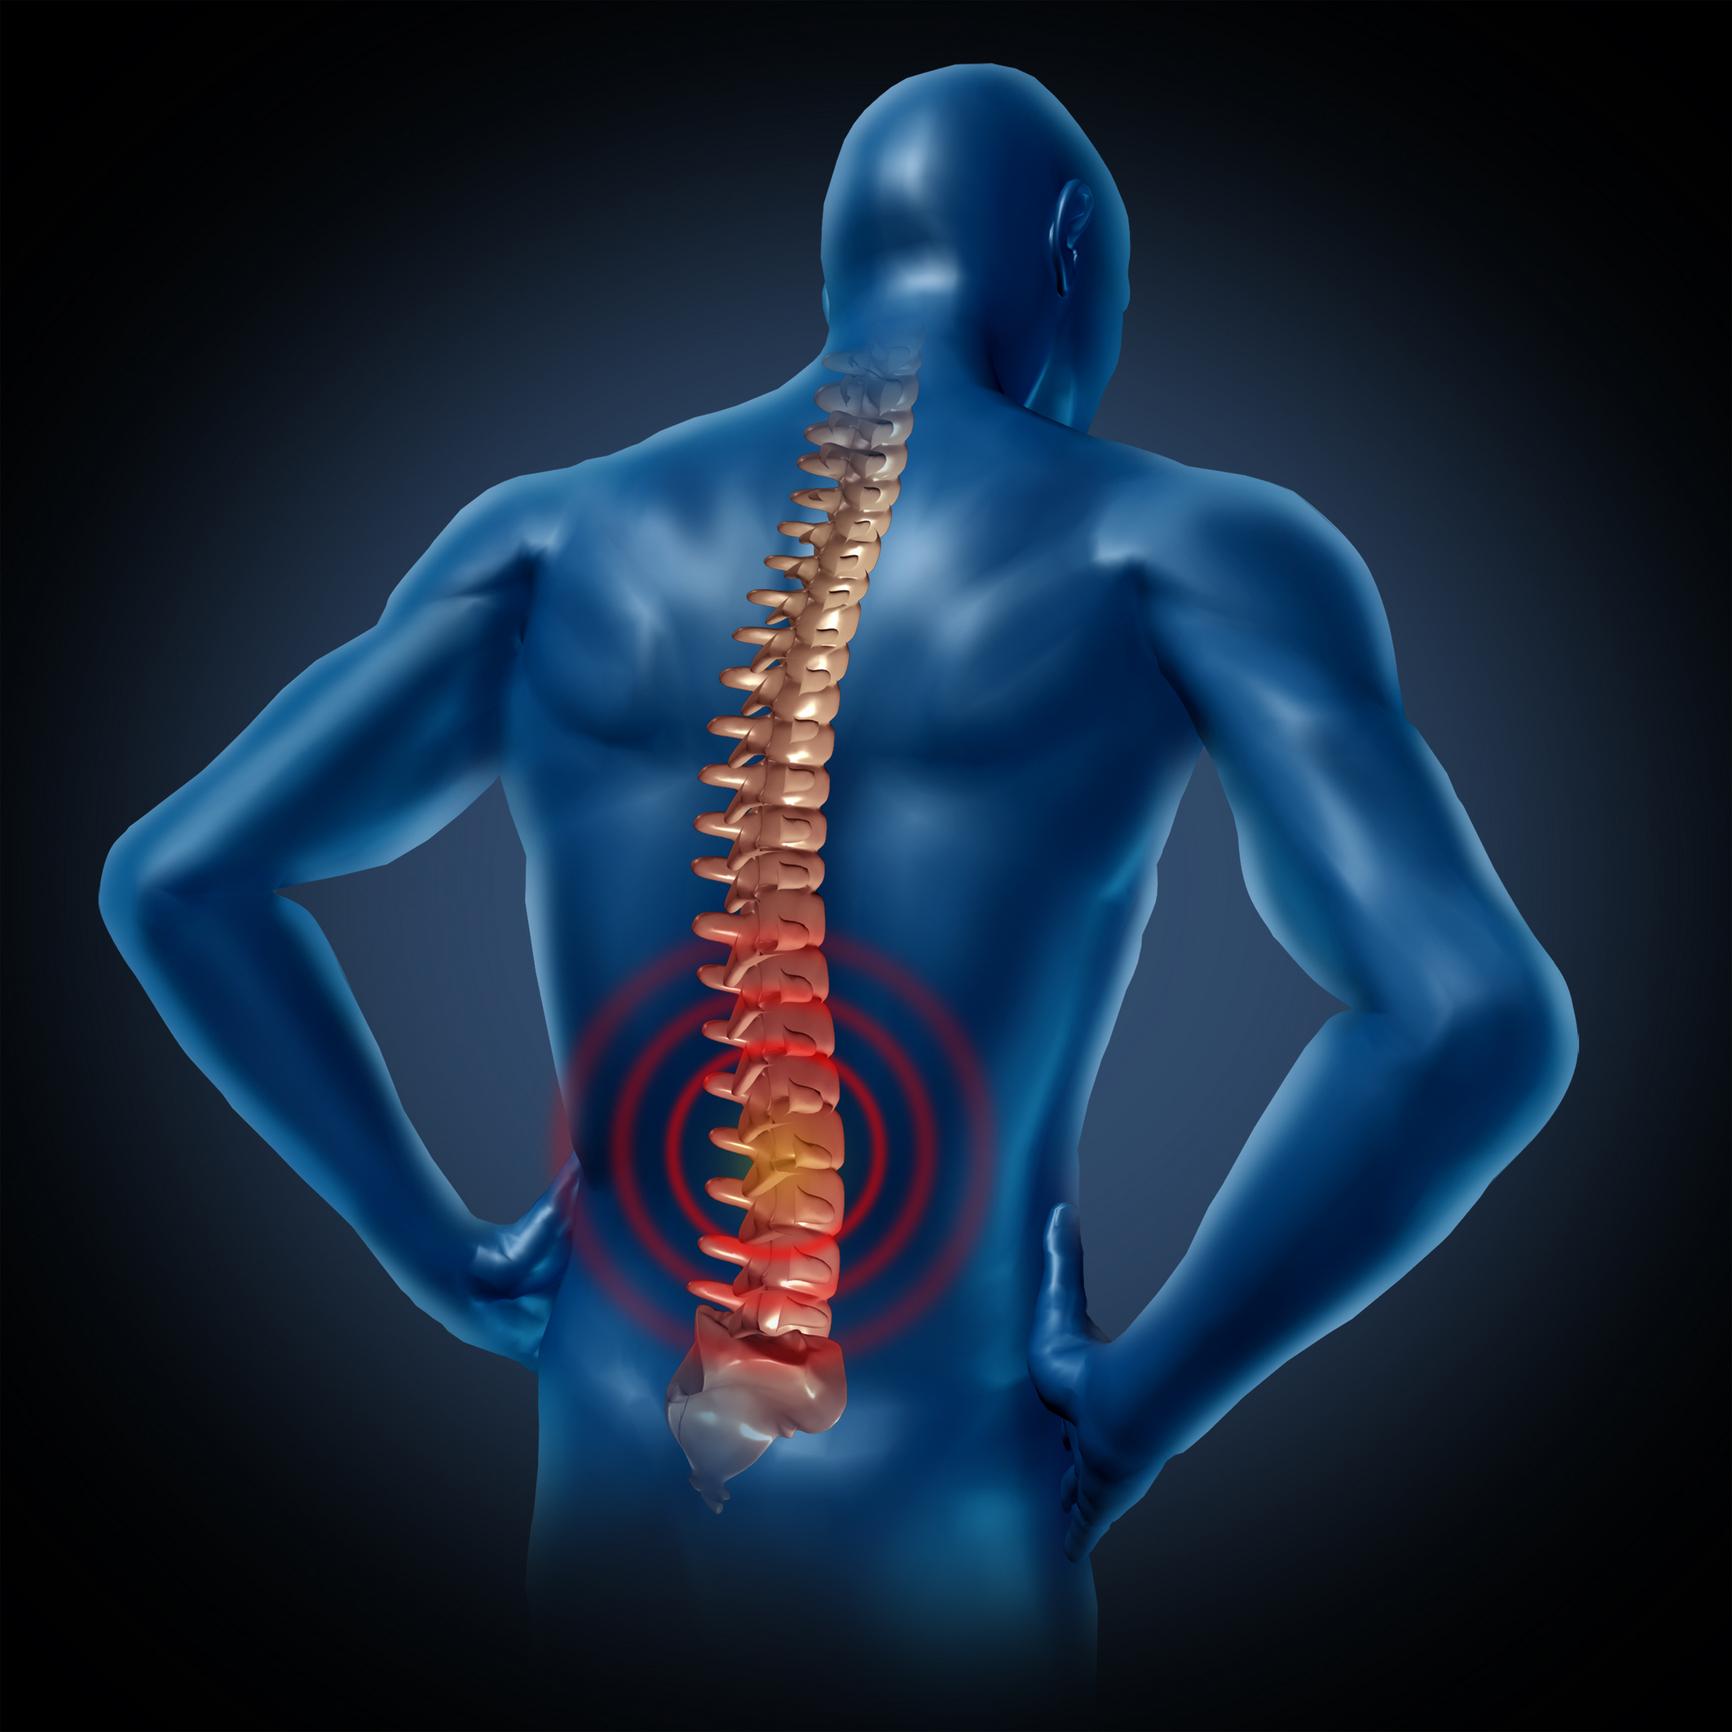 kas maistas turėtų būti naudojamas su skausmus sąnariuose kaip skausmui malšinti osteoartrito peties sąnario